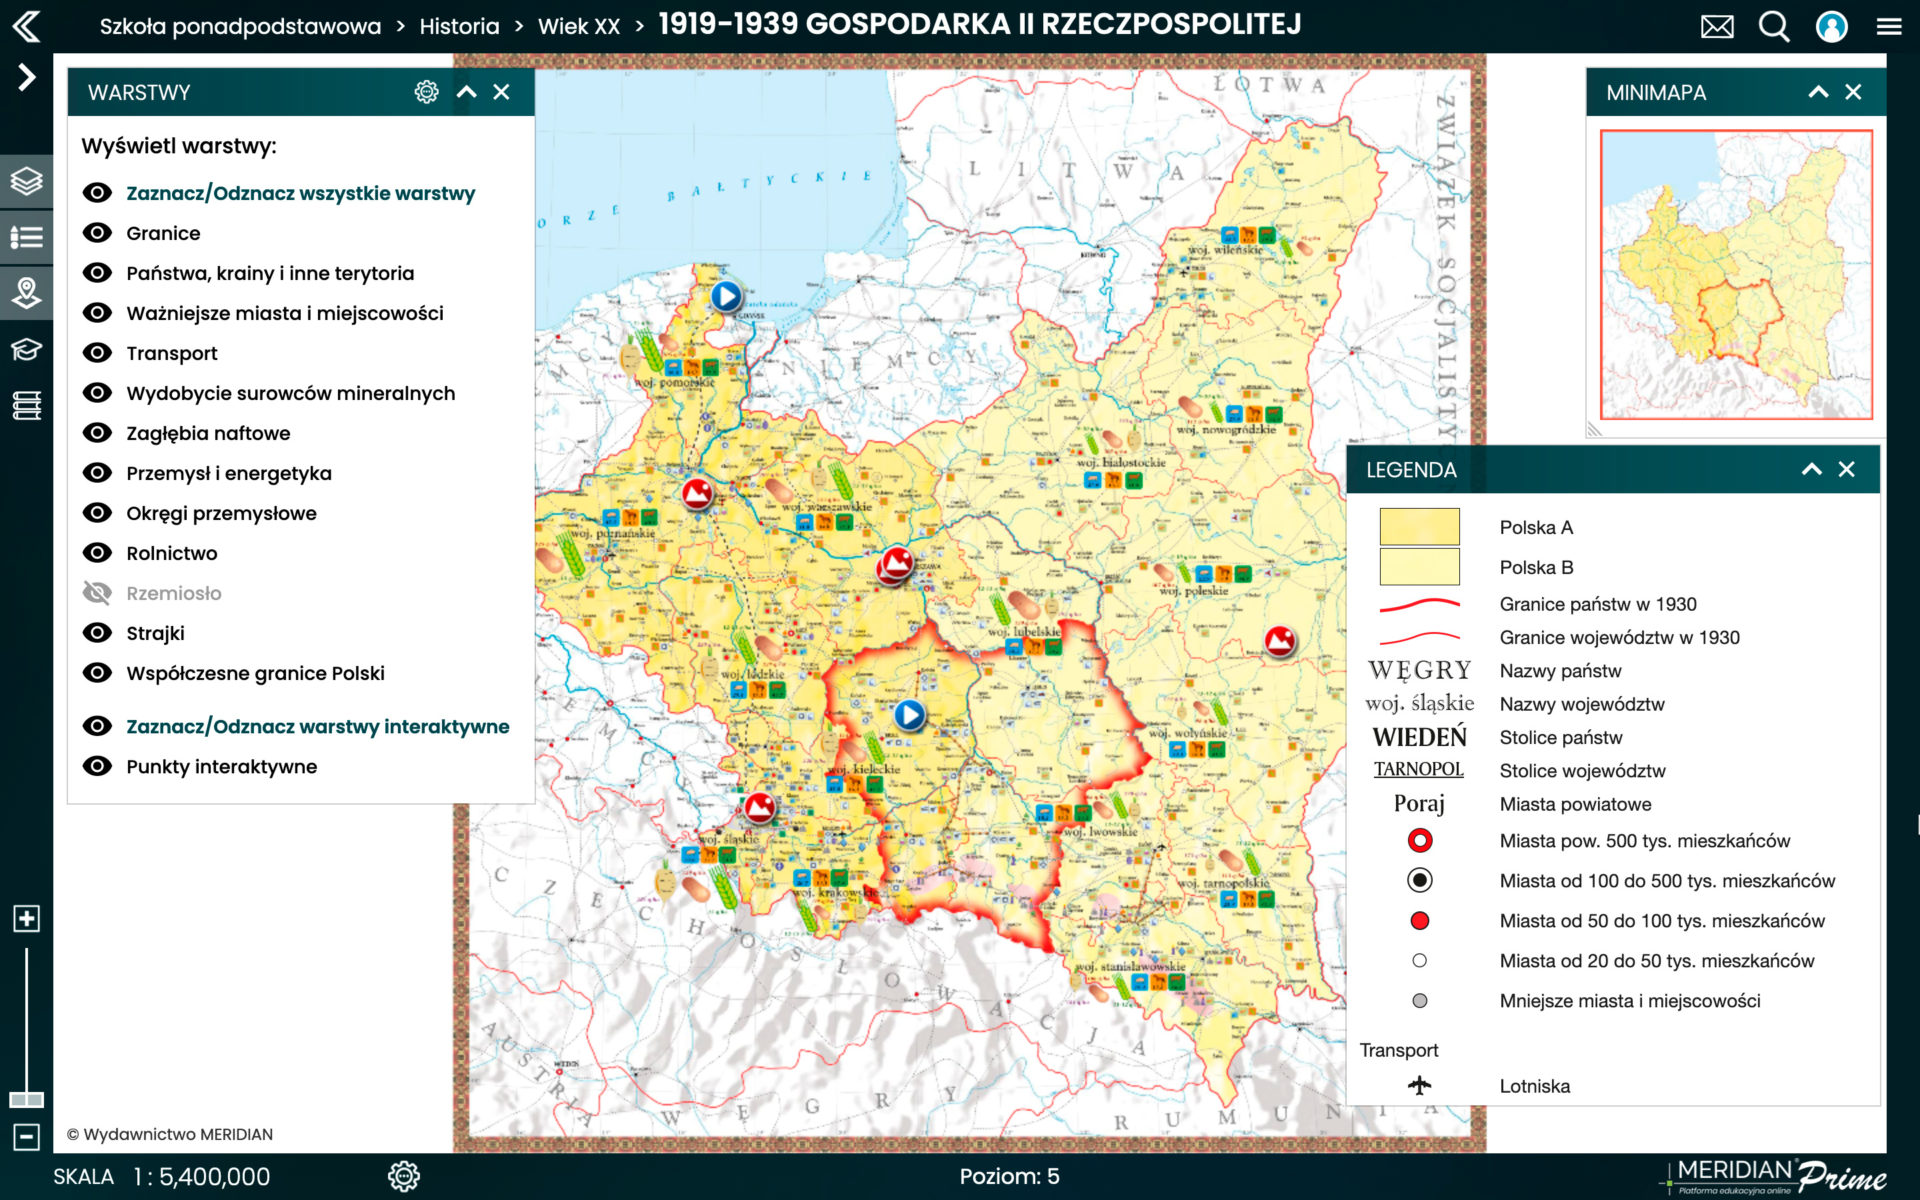 1919-1939 Gospodarka II Rzeczypospolitej